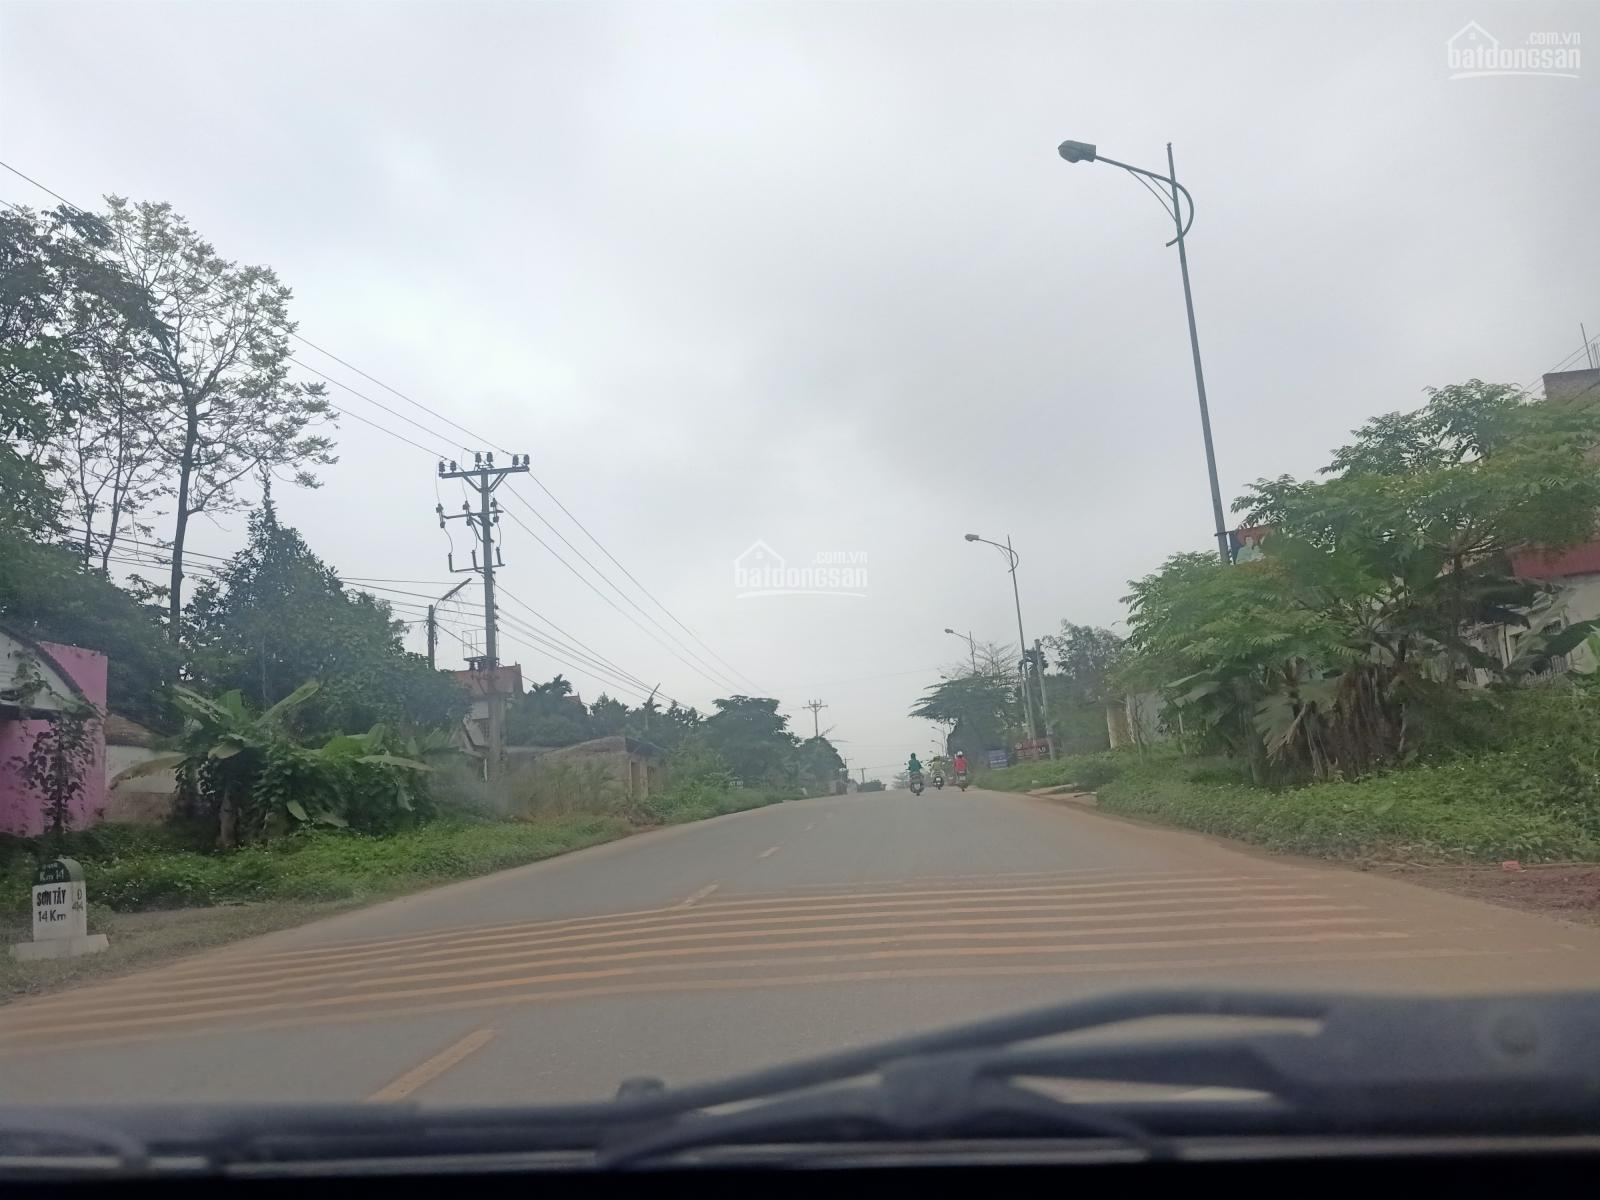 cho thuê 1,5 ha đất KCN Phú Nghĩa giá 25k/m - Ảnh 1